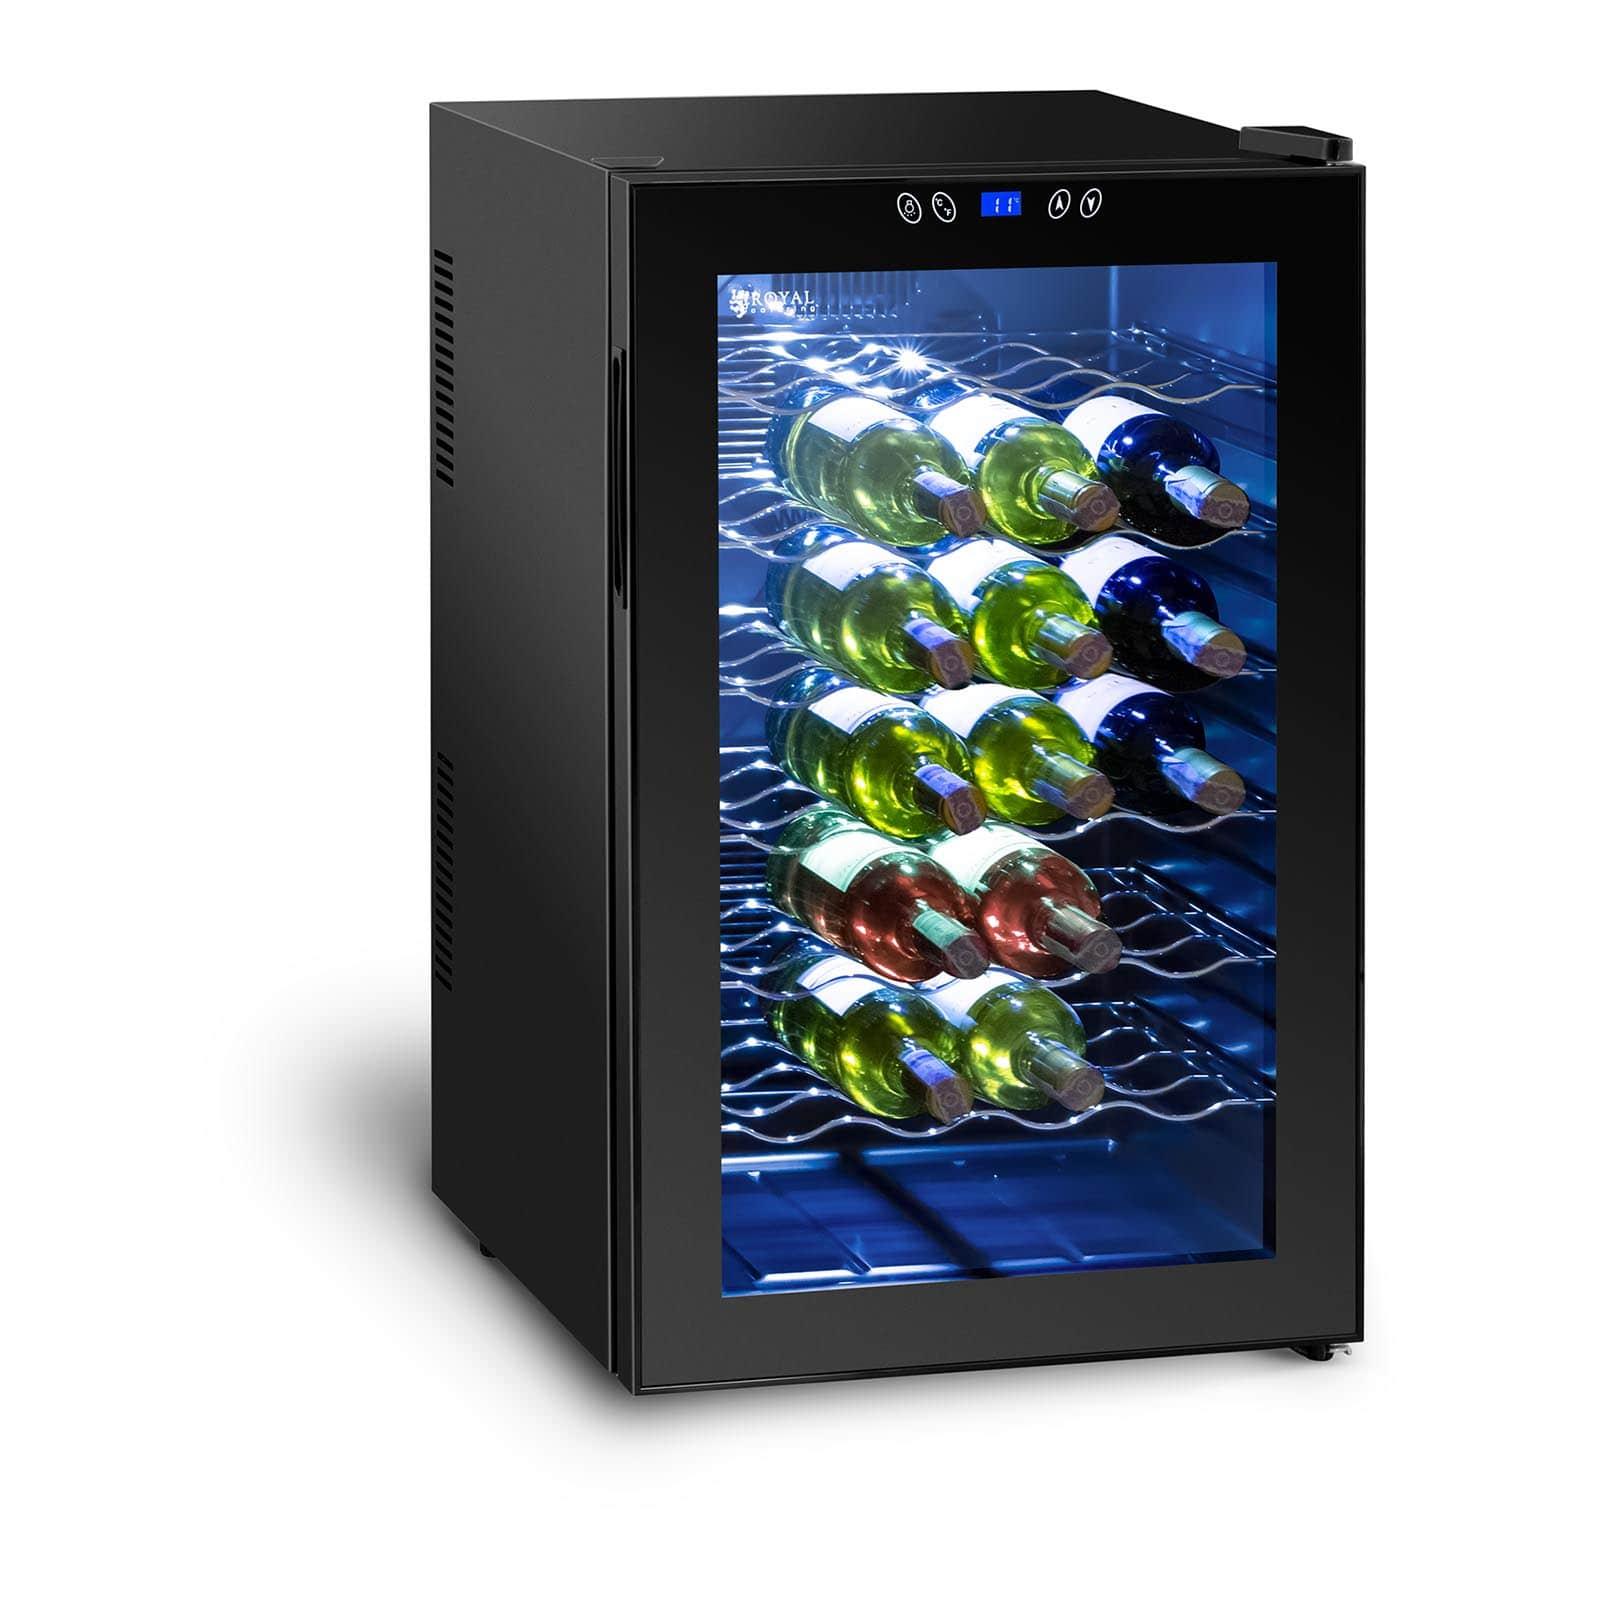 Gastro-Getränkekühlschrank